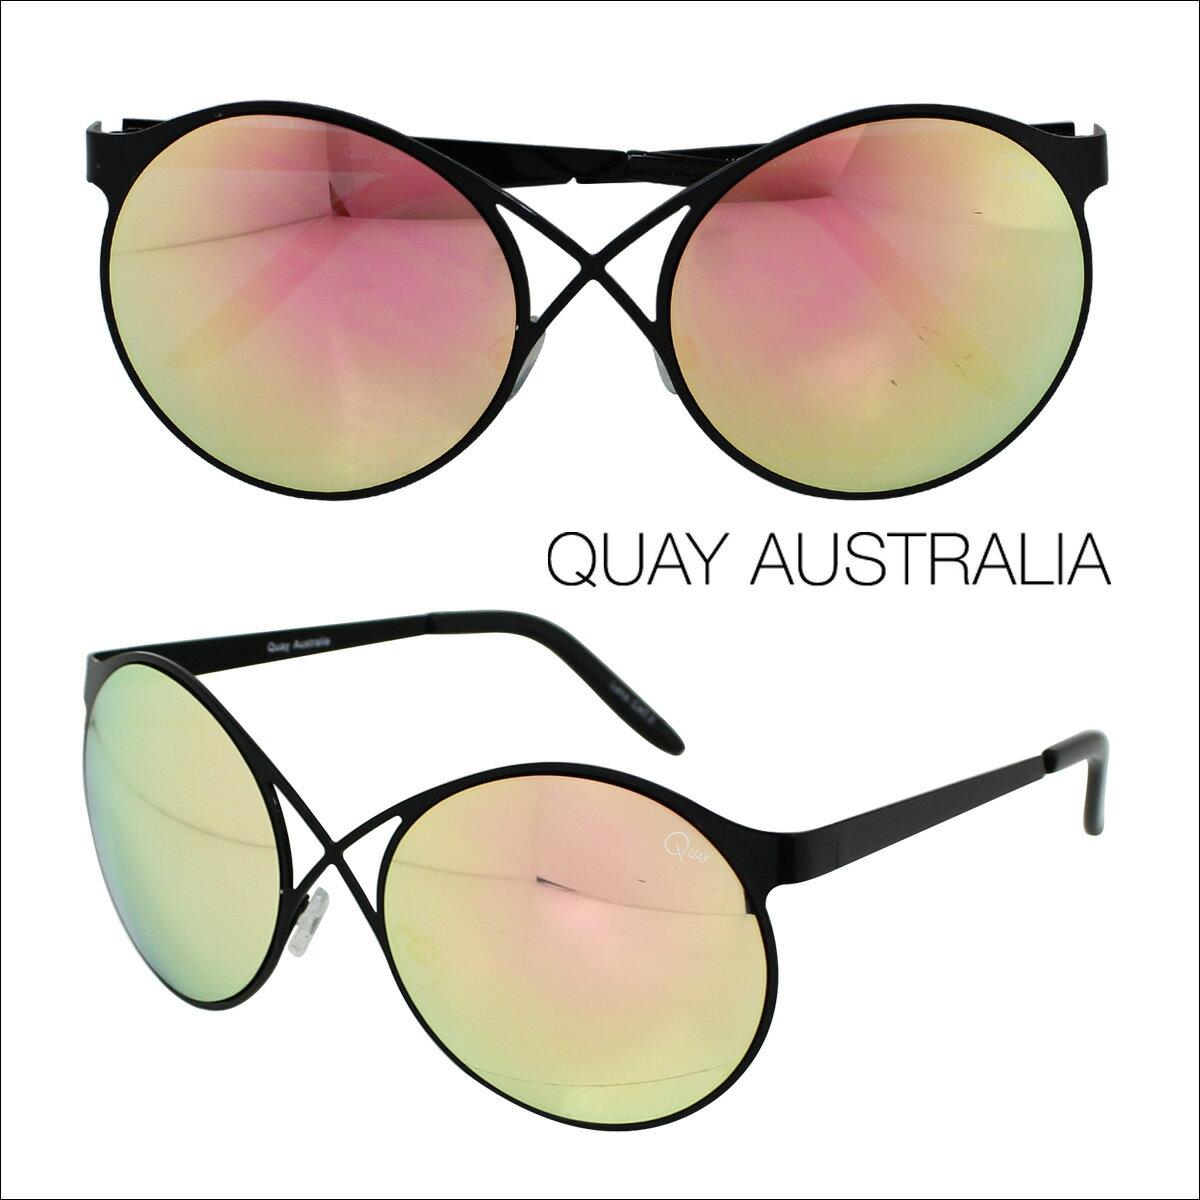 【訳あり】 サングラス QUAY EYEWARE AUSTRALIA キーアイウェア オーストラリア レディース ブラック ローズ 【返品不可】